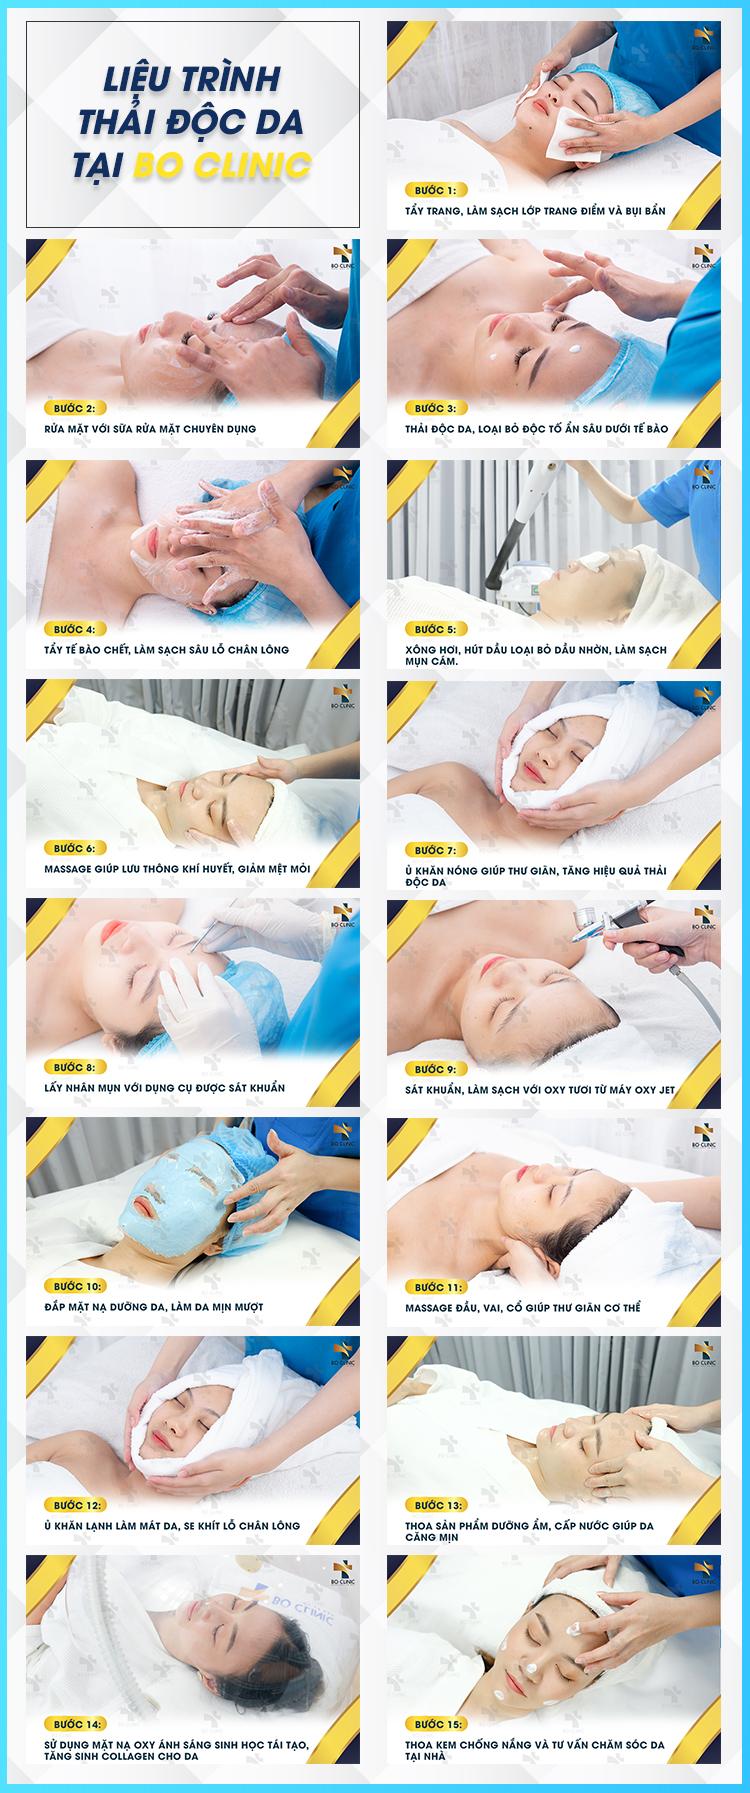 Liệu trình thải độc da tại Bo Clinic nhanh chóng đem lại làn da sạch sâu, trắng sáng